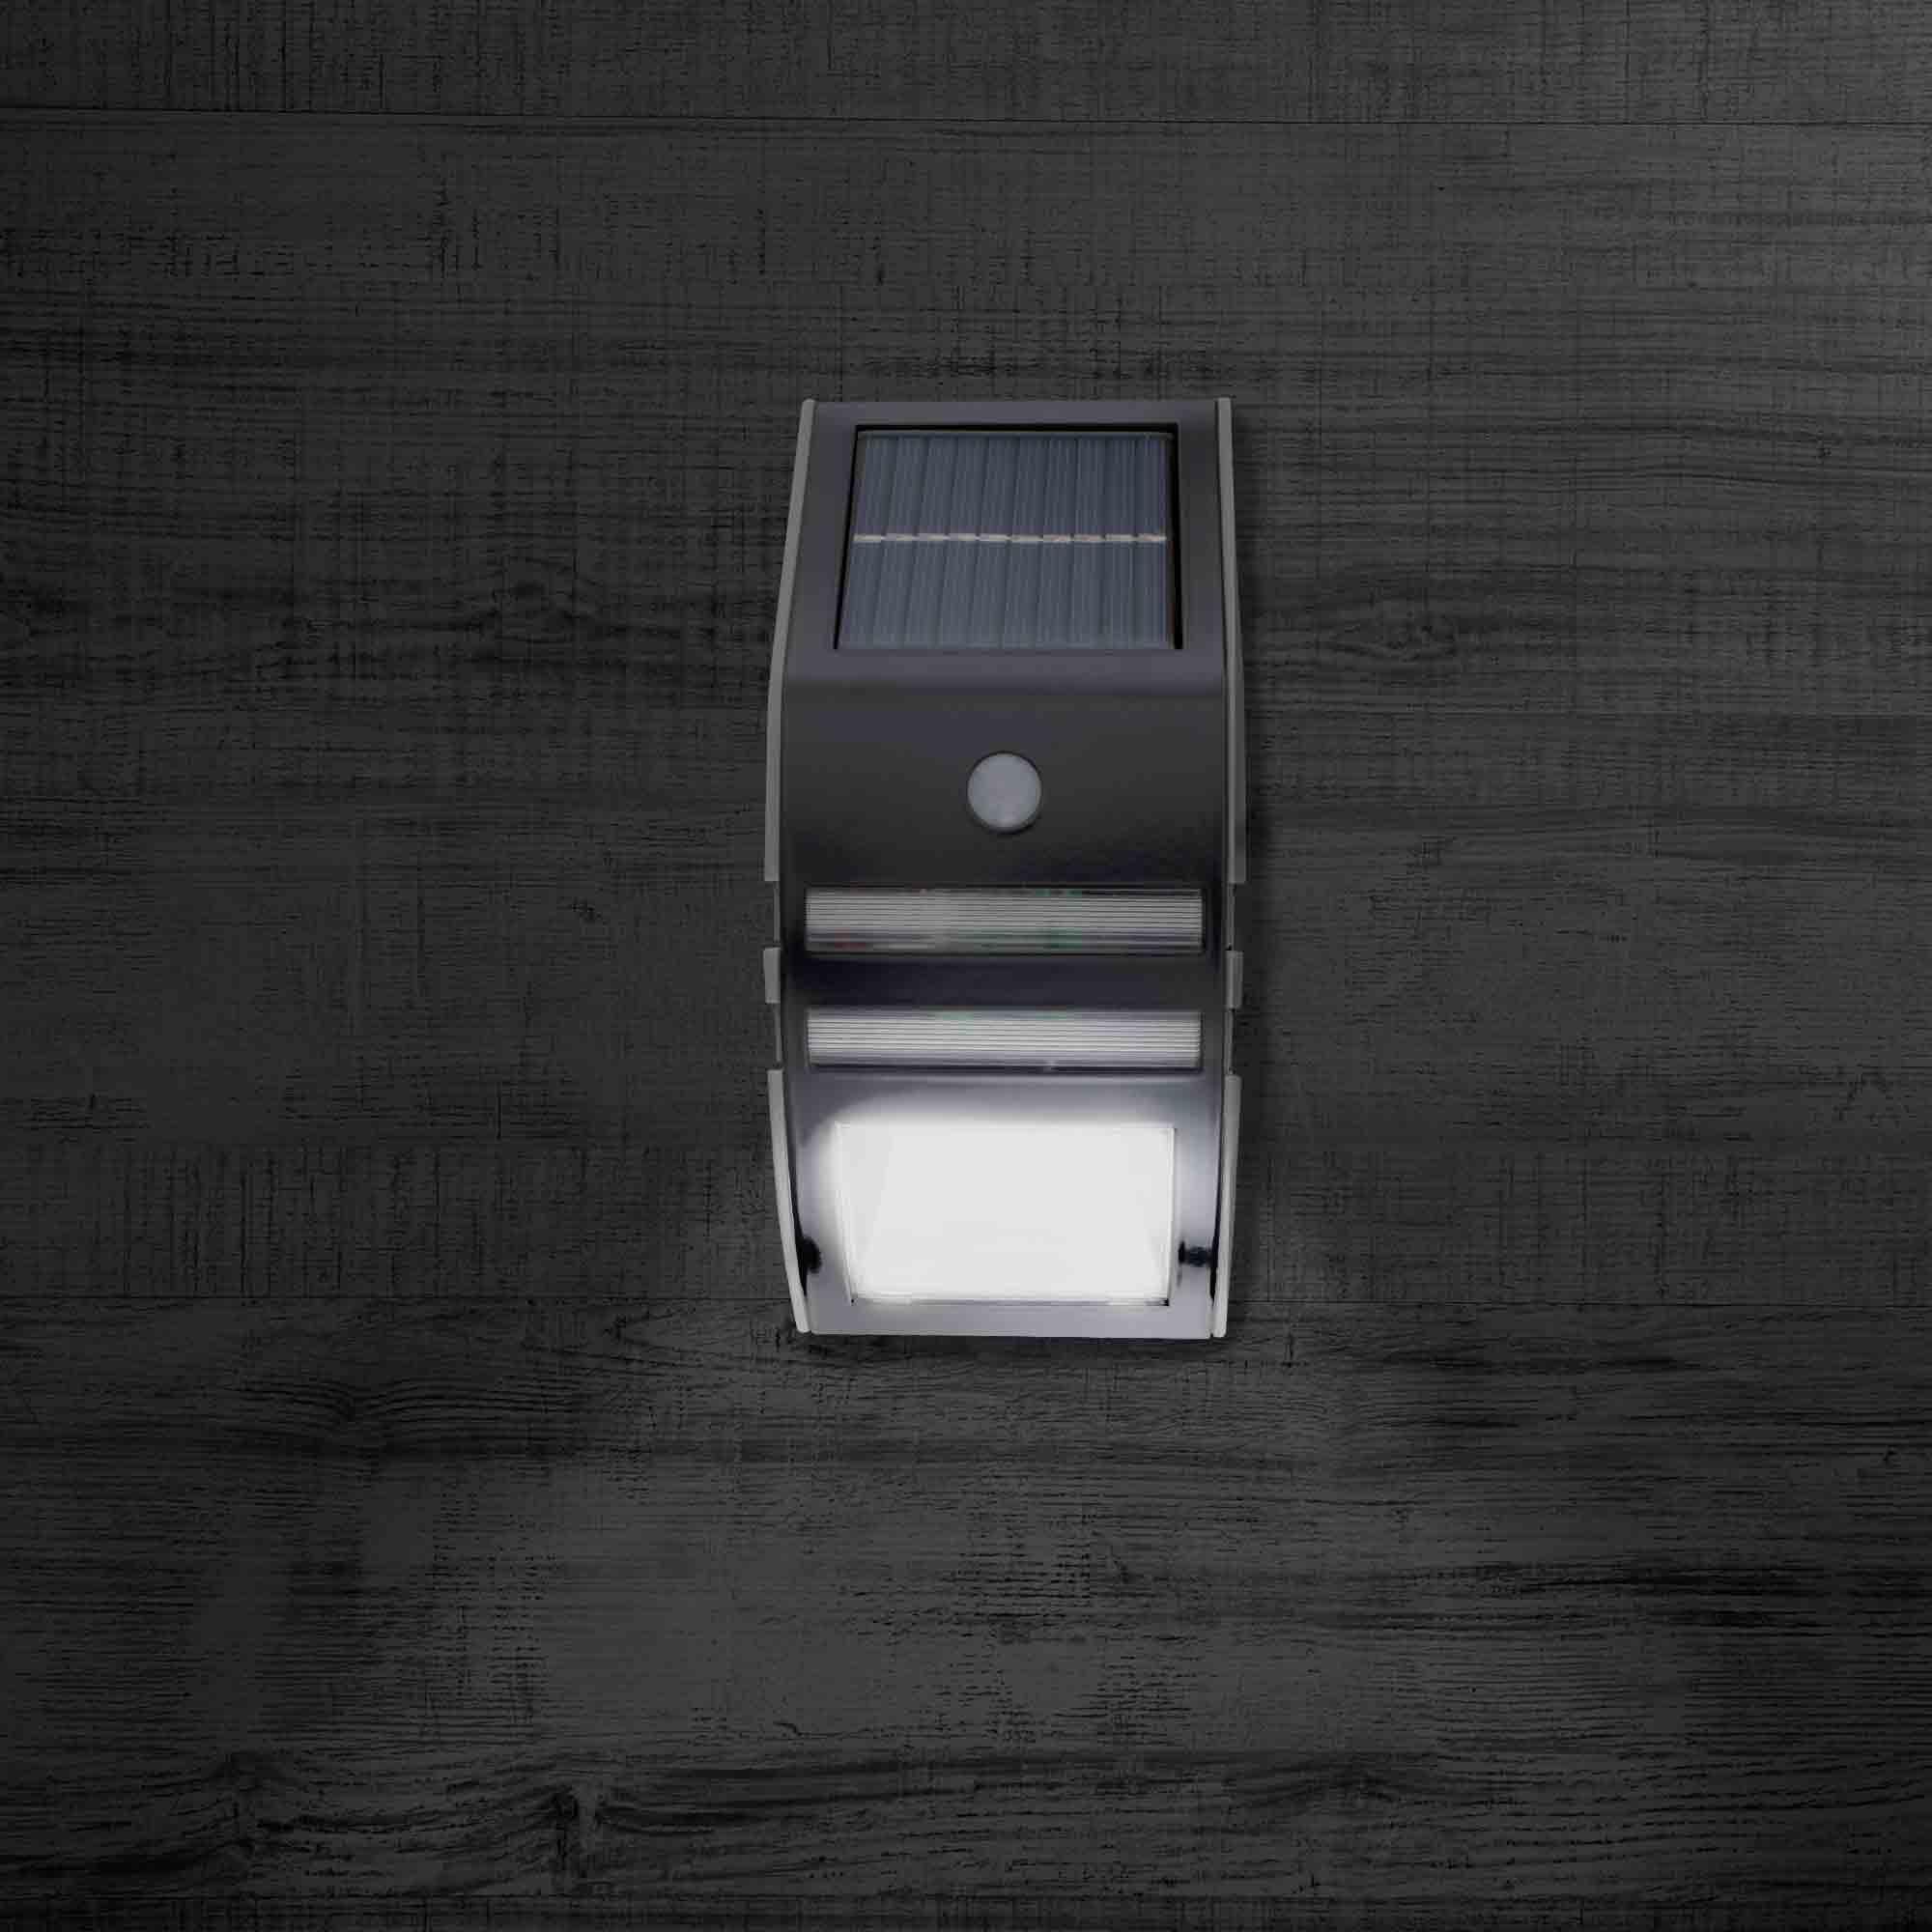 Notre gamme applique led solaire avec detecteur de - Detecteur de mouvement solaire ...